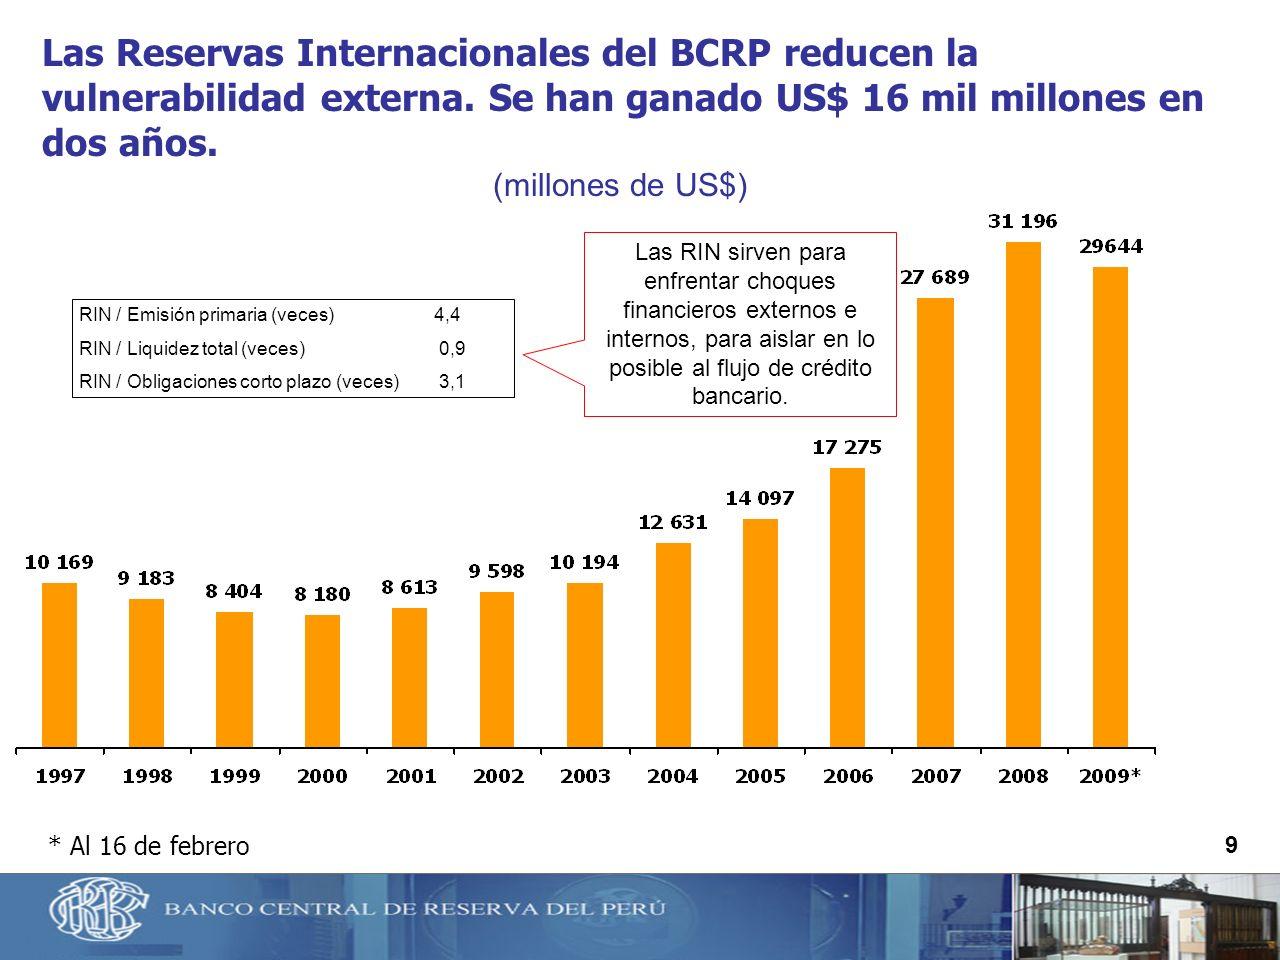 9 * Al 16 de febrero (millones de US$) Las Reservas Internacionales del BCRP reducen la vulnerabilidad externa. Se han ganado US$ 16 mil millones en d